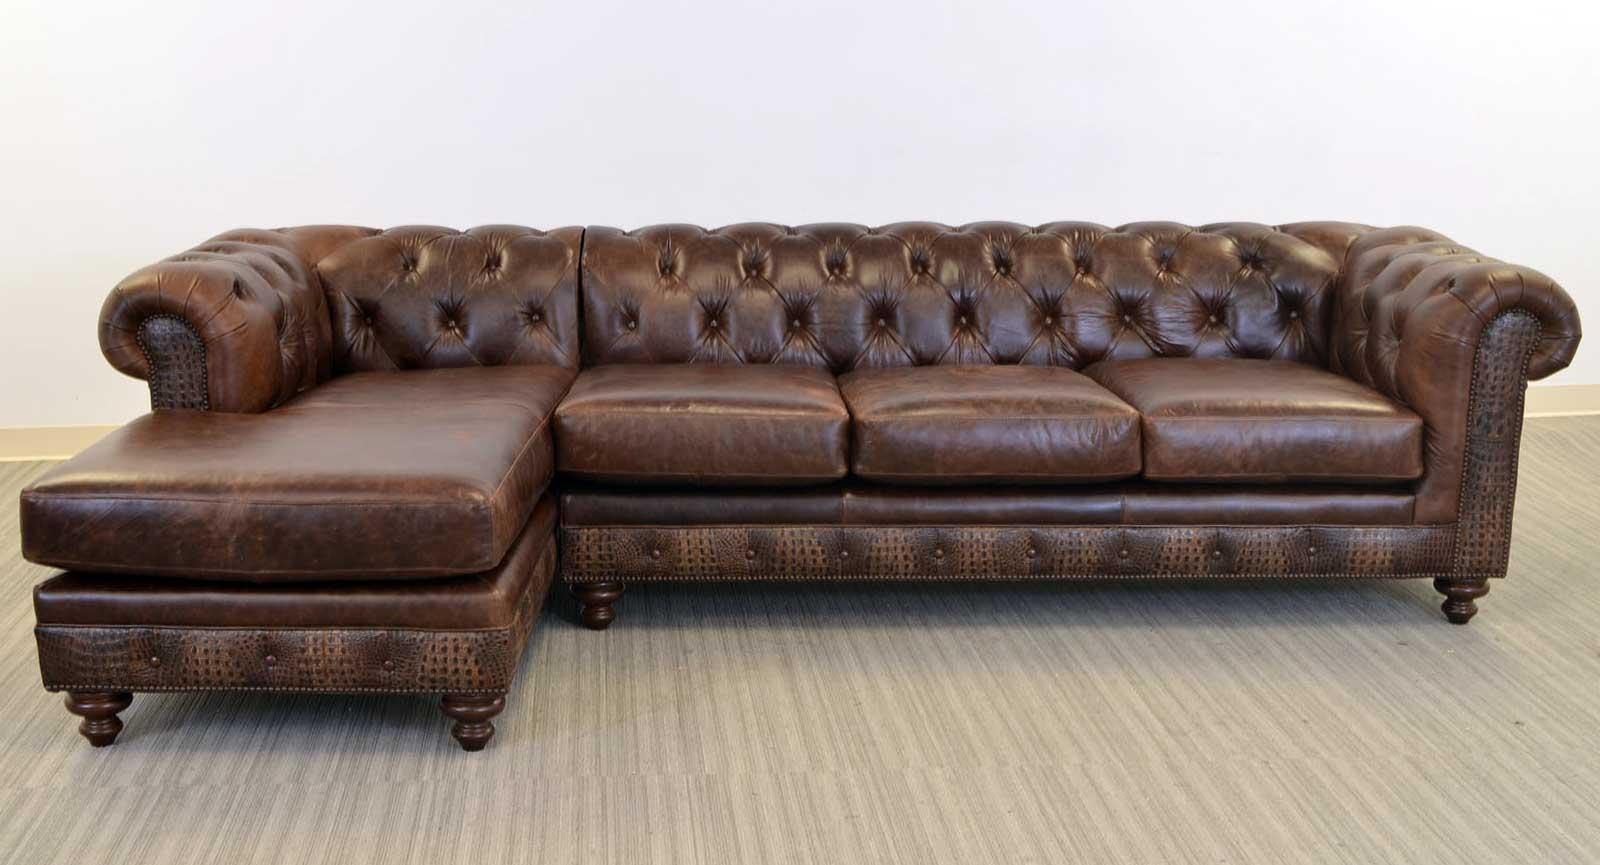 Kensington Sofa The Leather Sofa Company ~ Kensington Leather Sofa